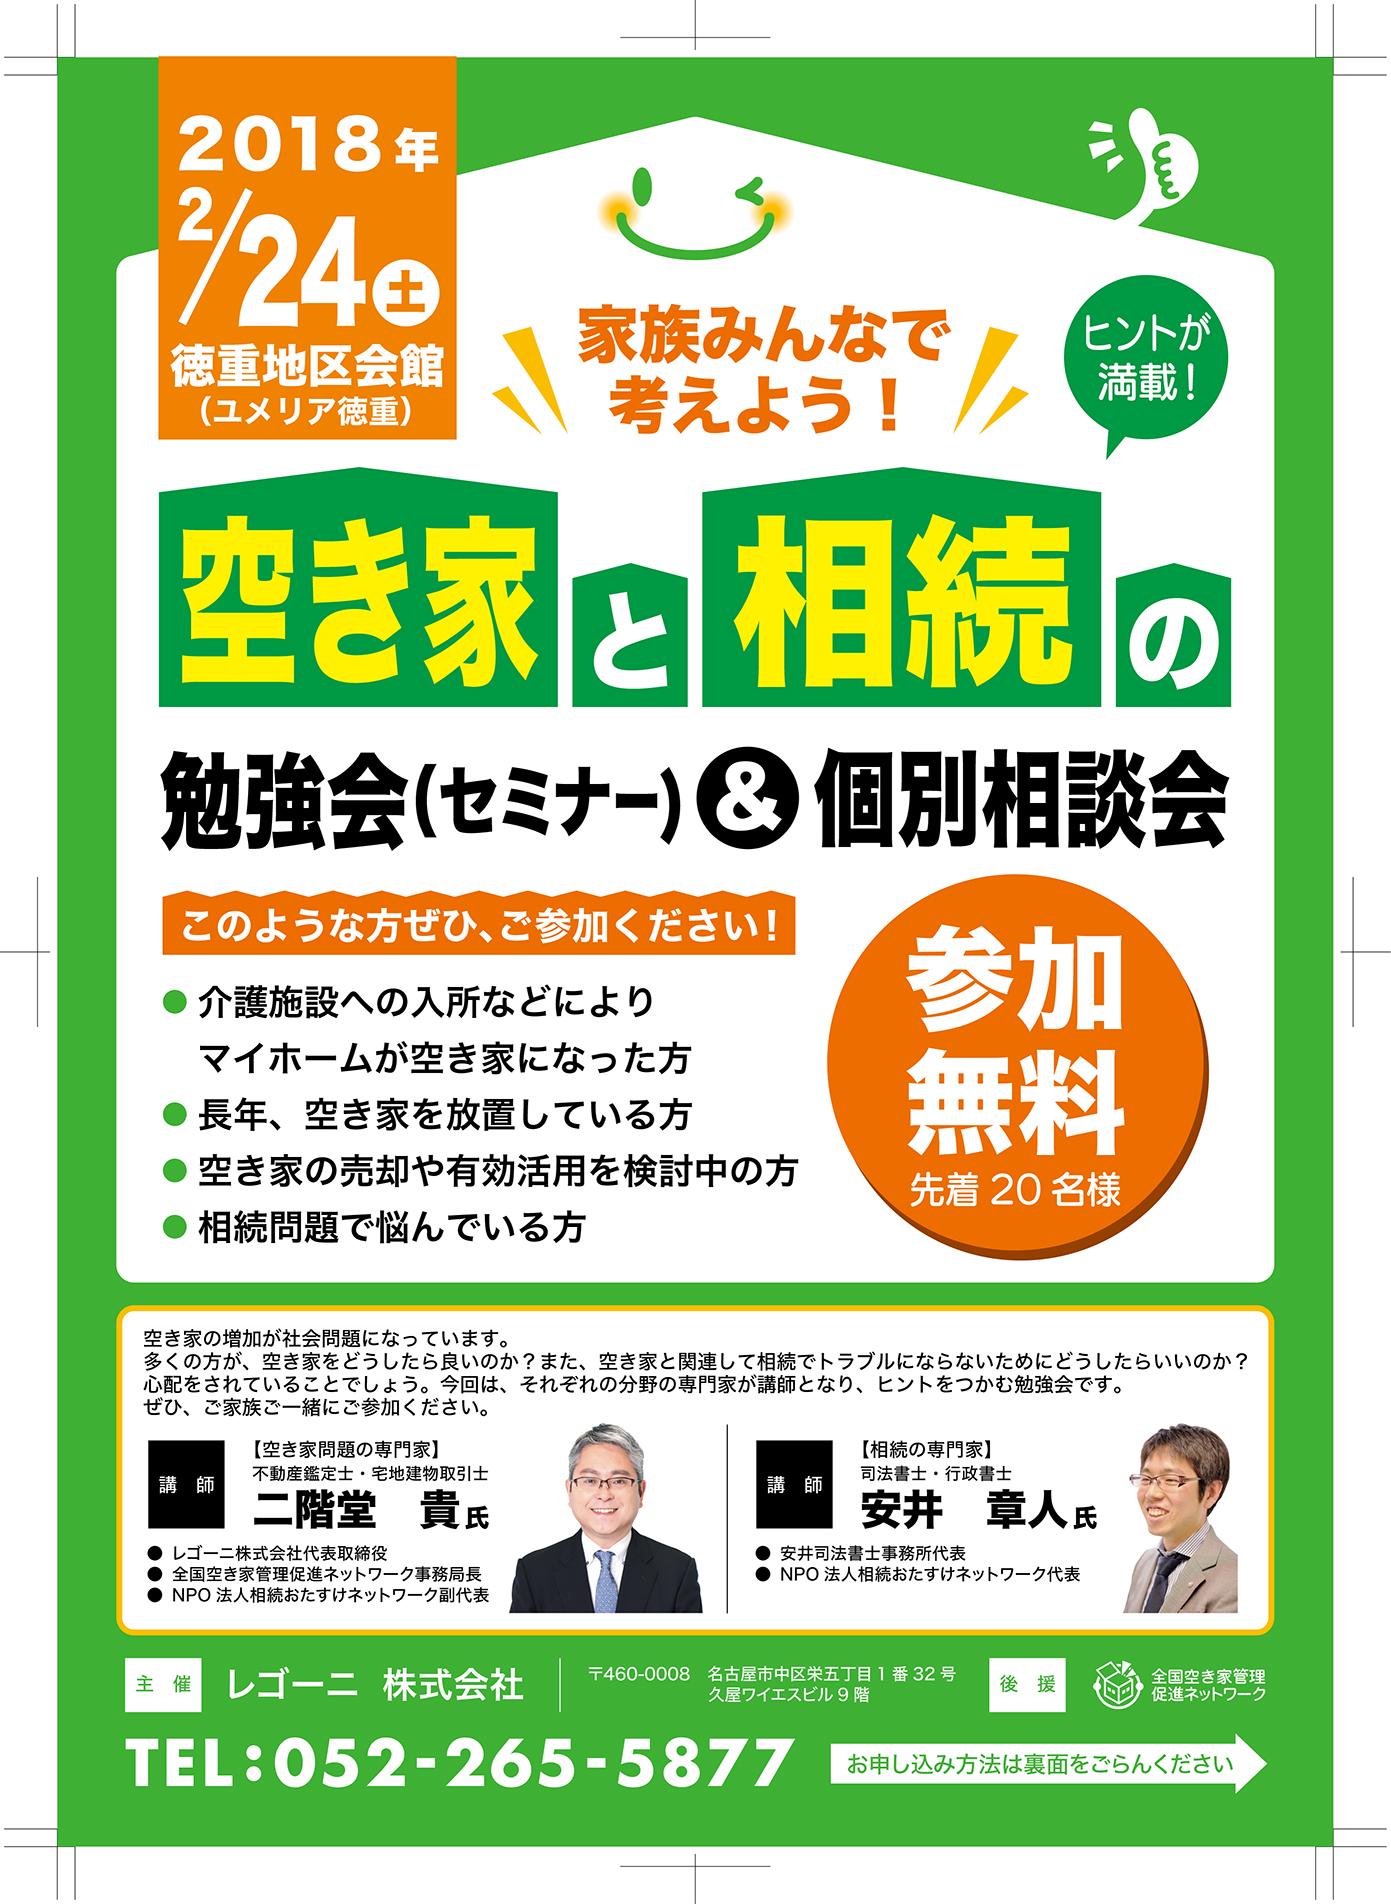 新チラシakiyatosouzoku.omote_2